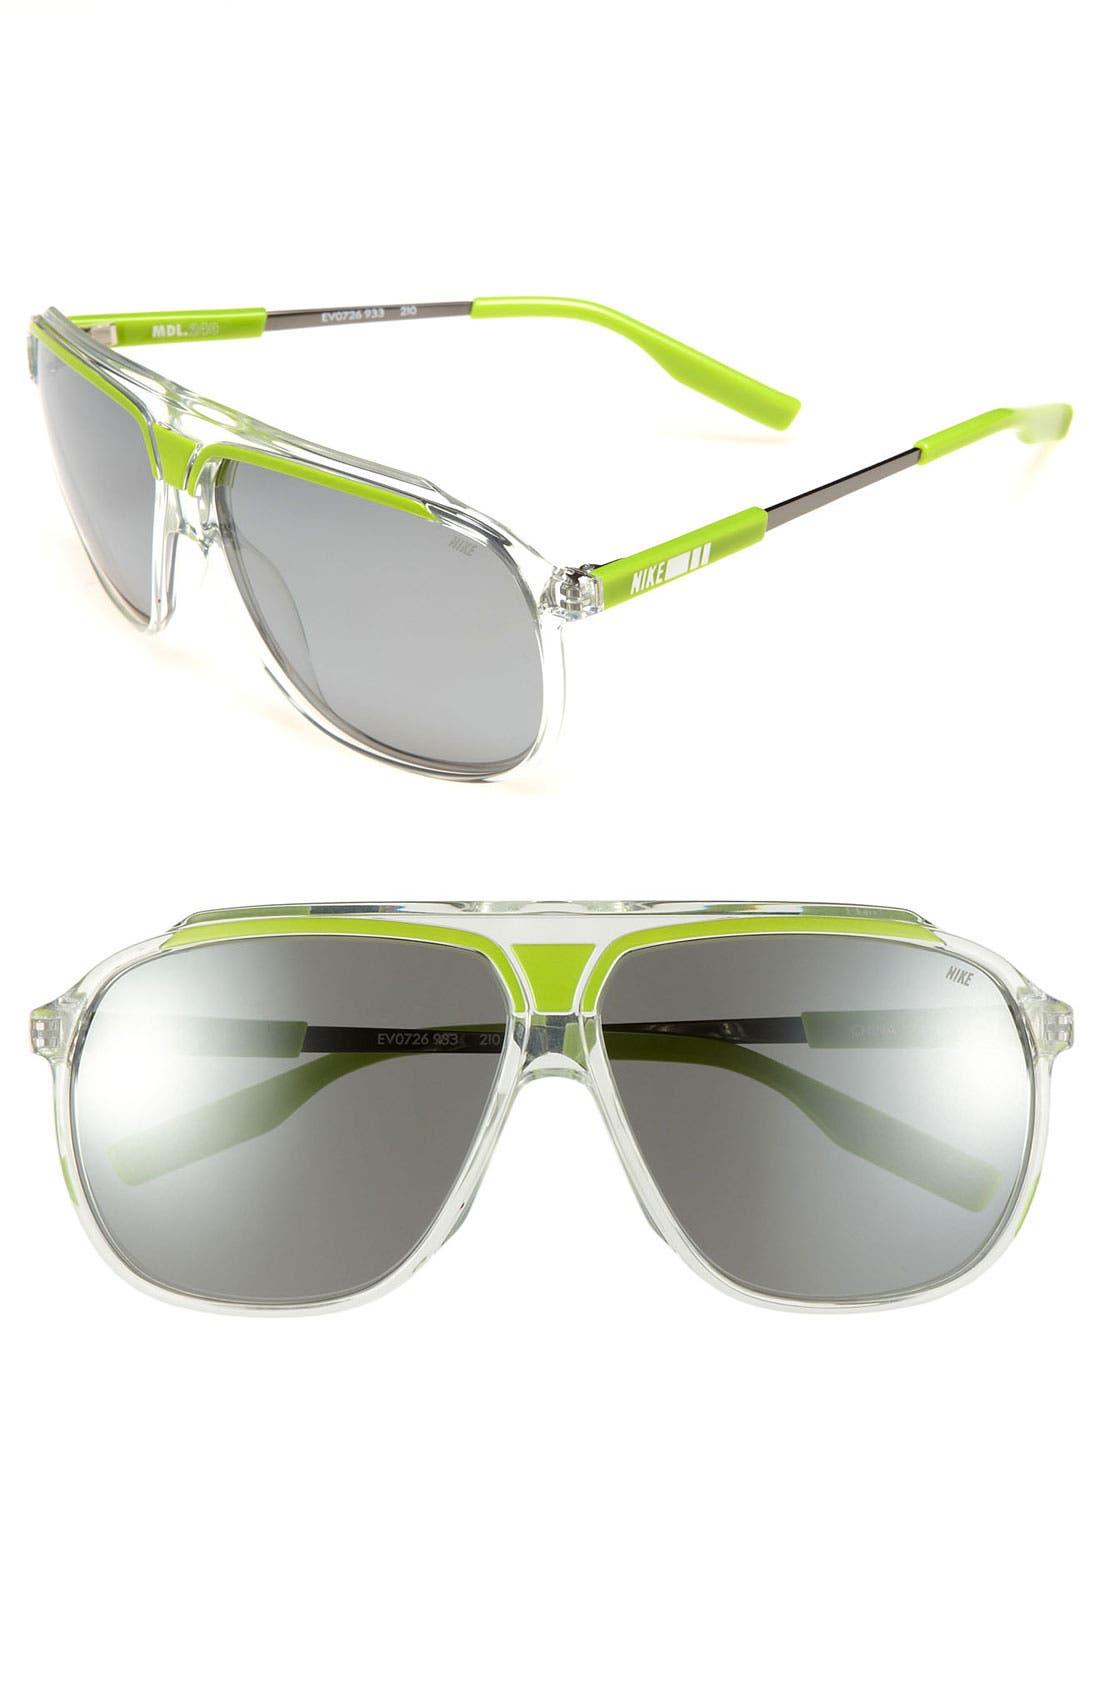 Main Image - Nike 63mm Aviator Sunglasses